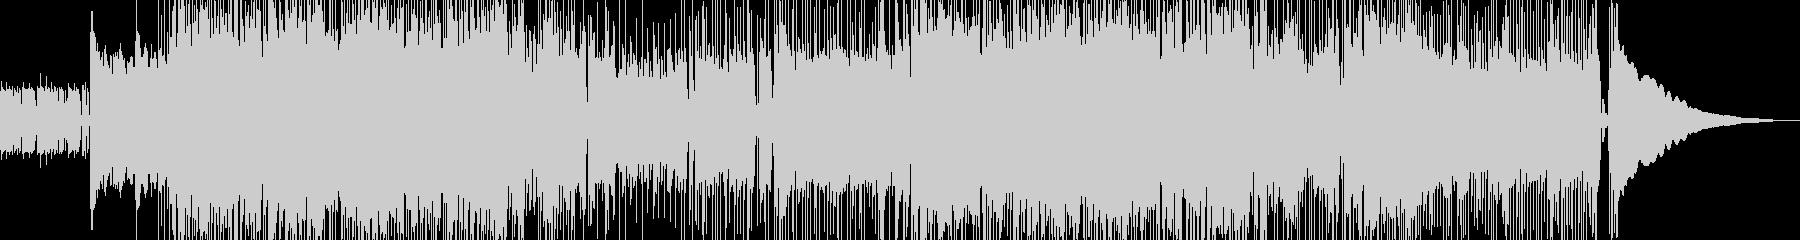 疾走感メロディアスなロックインストBGMの未再生の波形